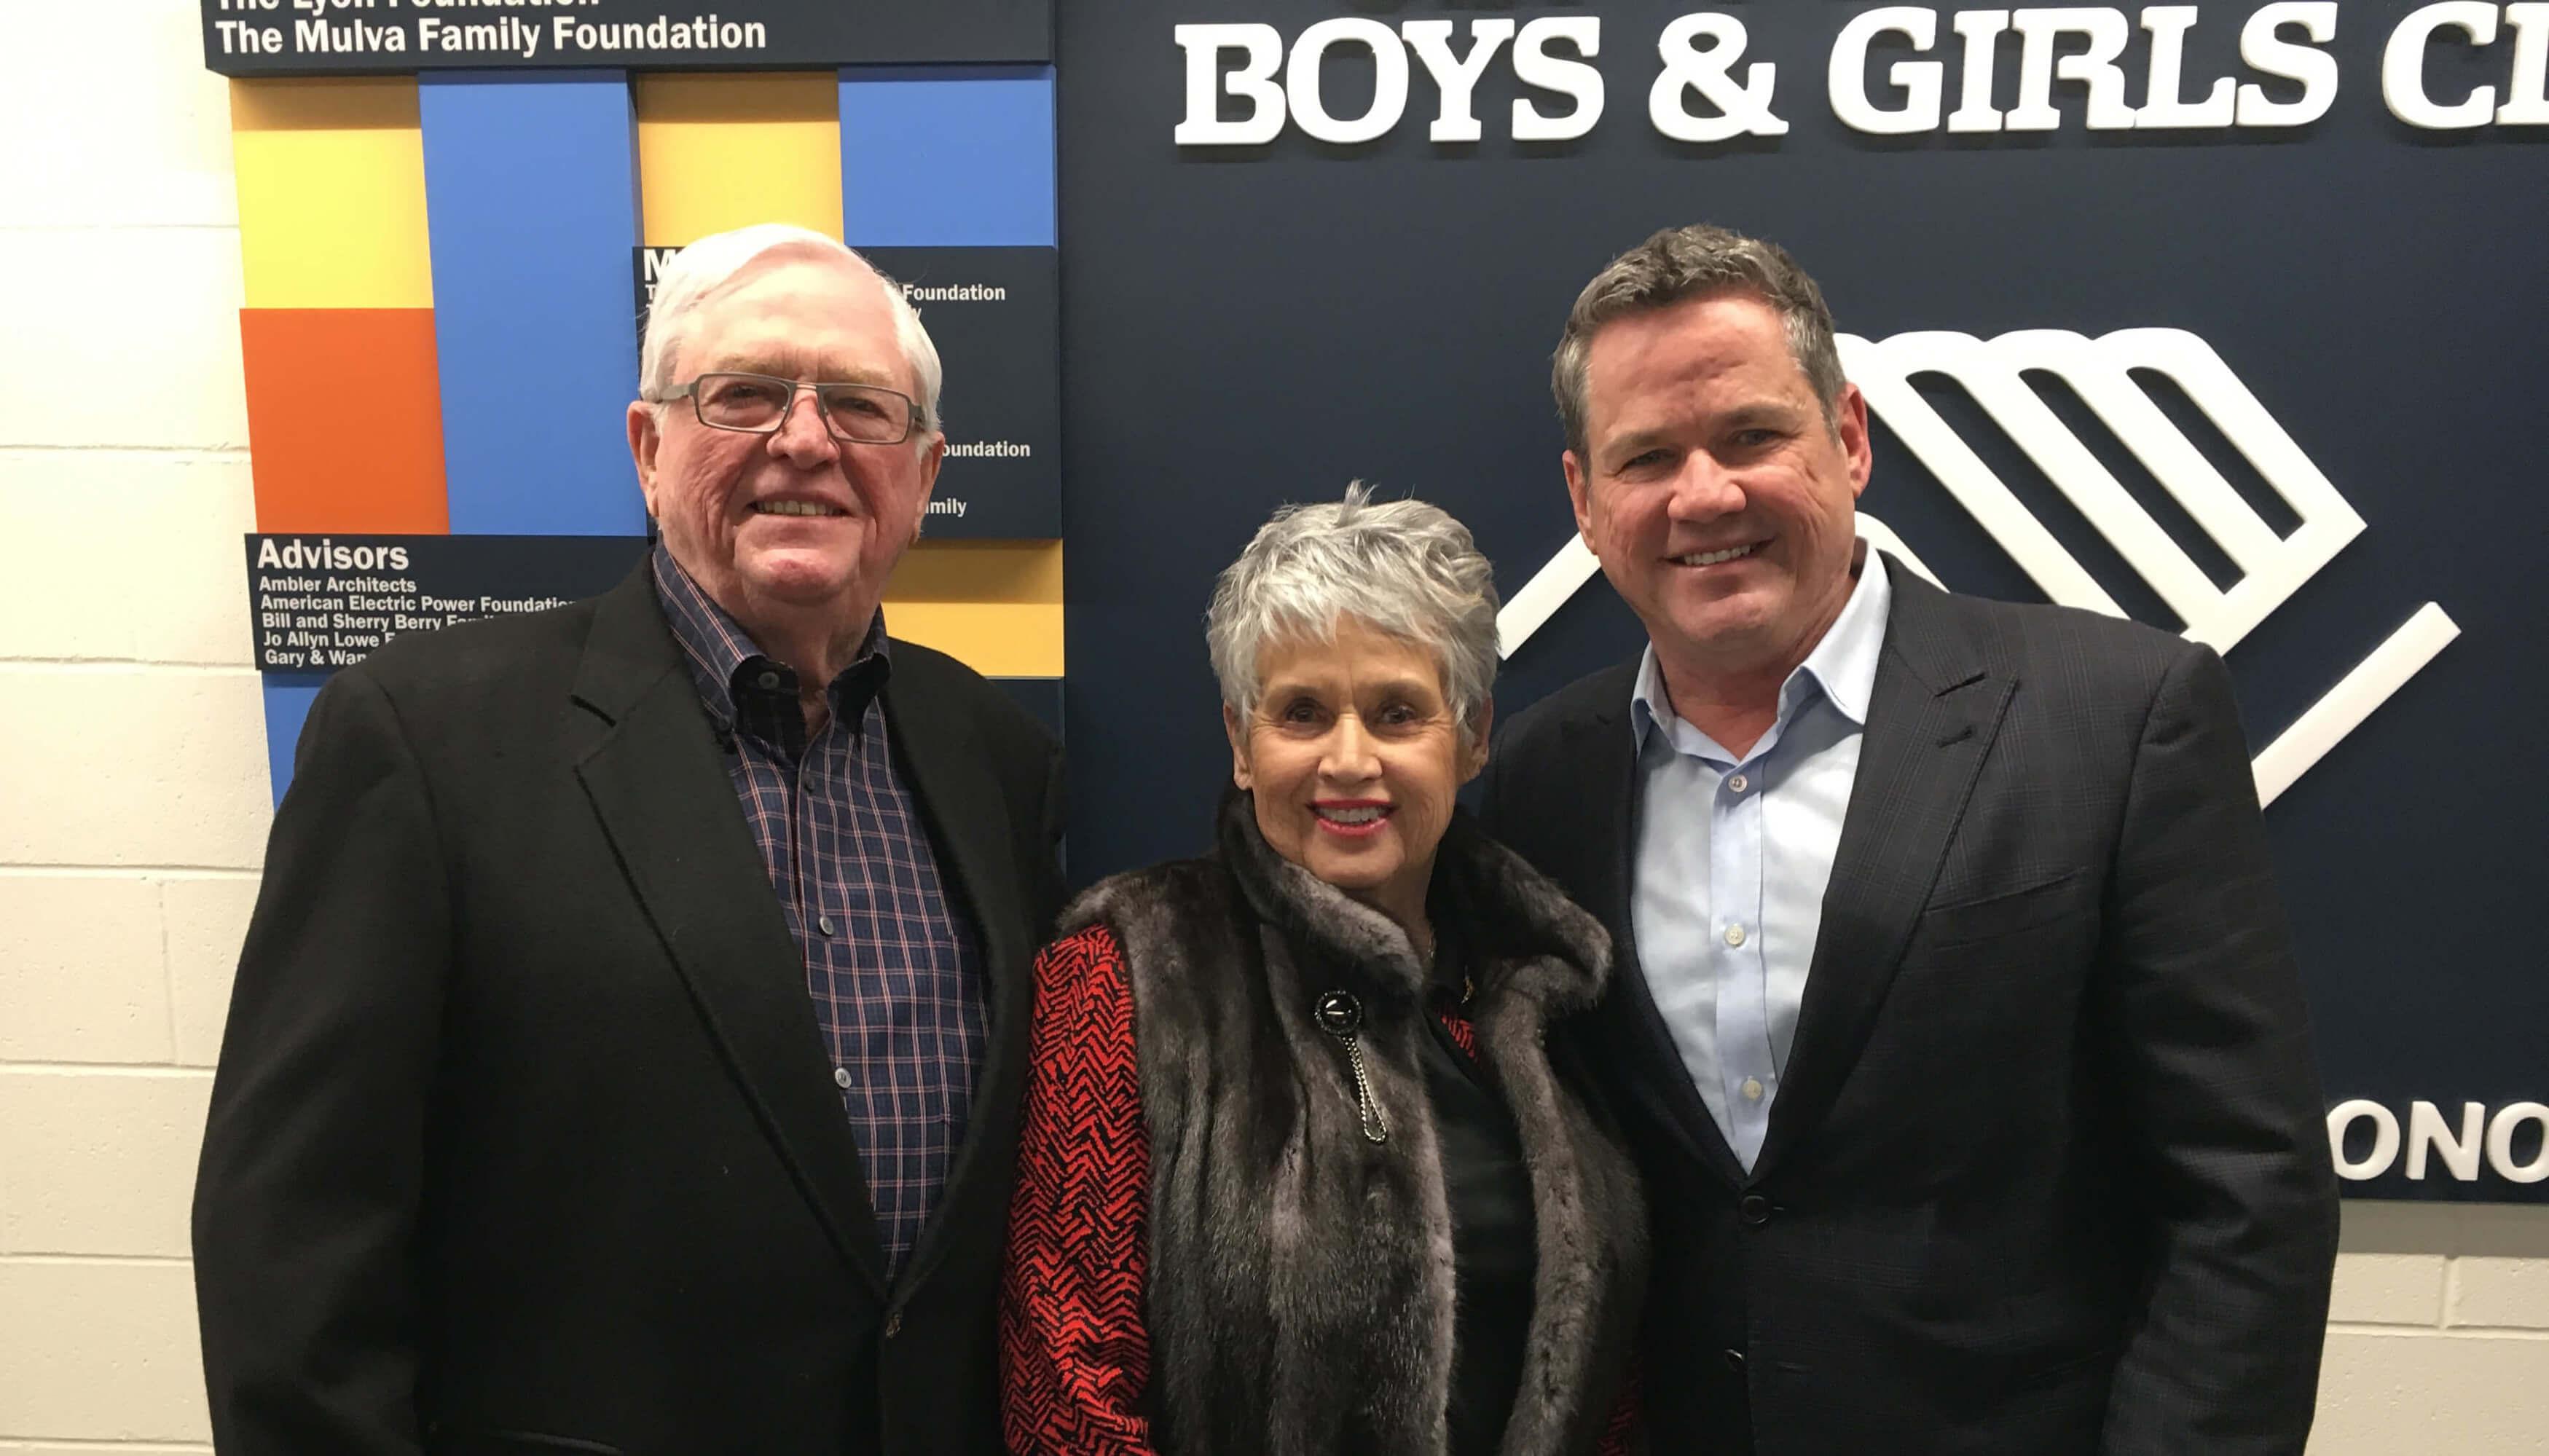 Denny, John & Gail